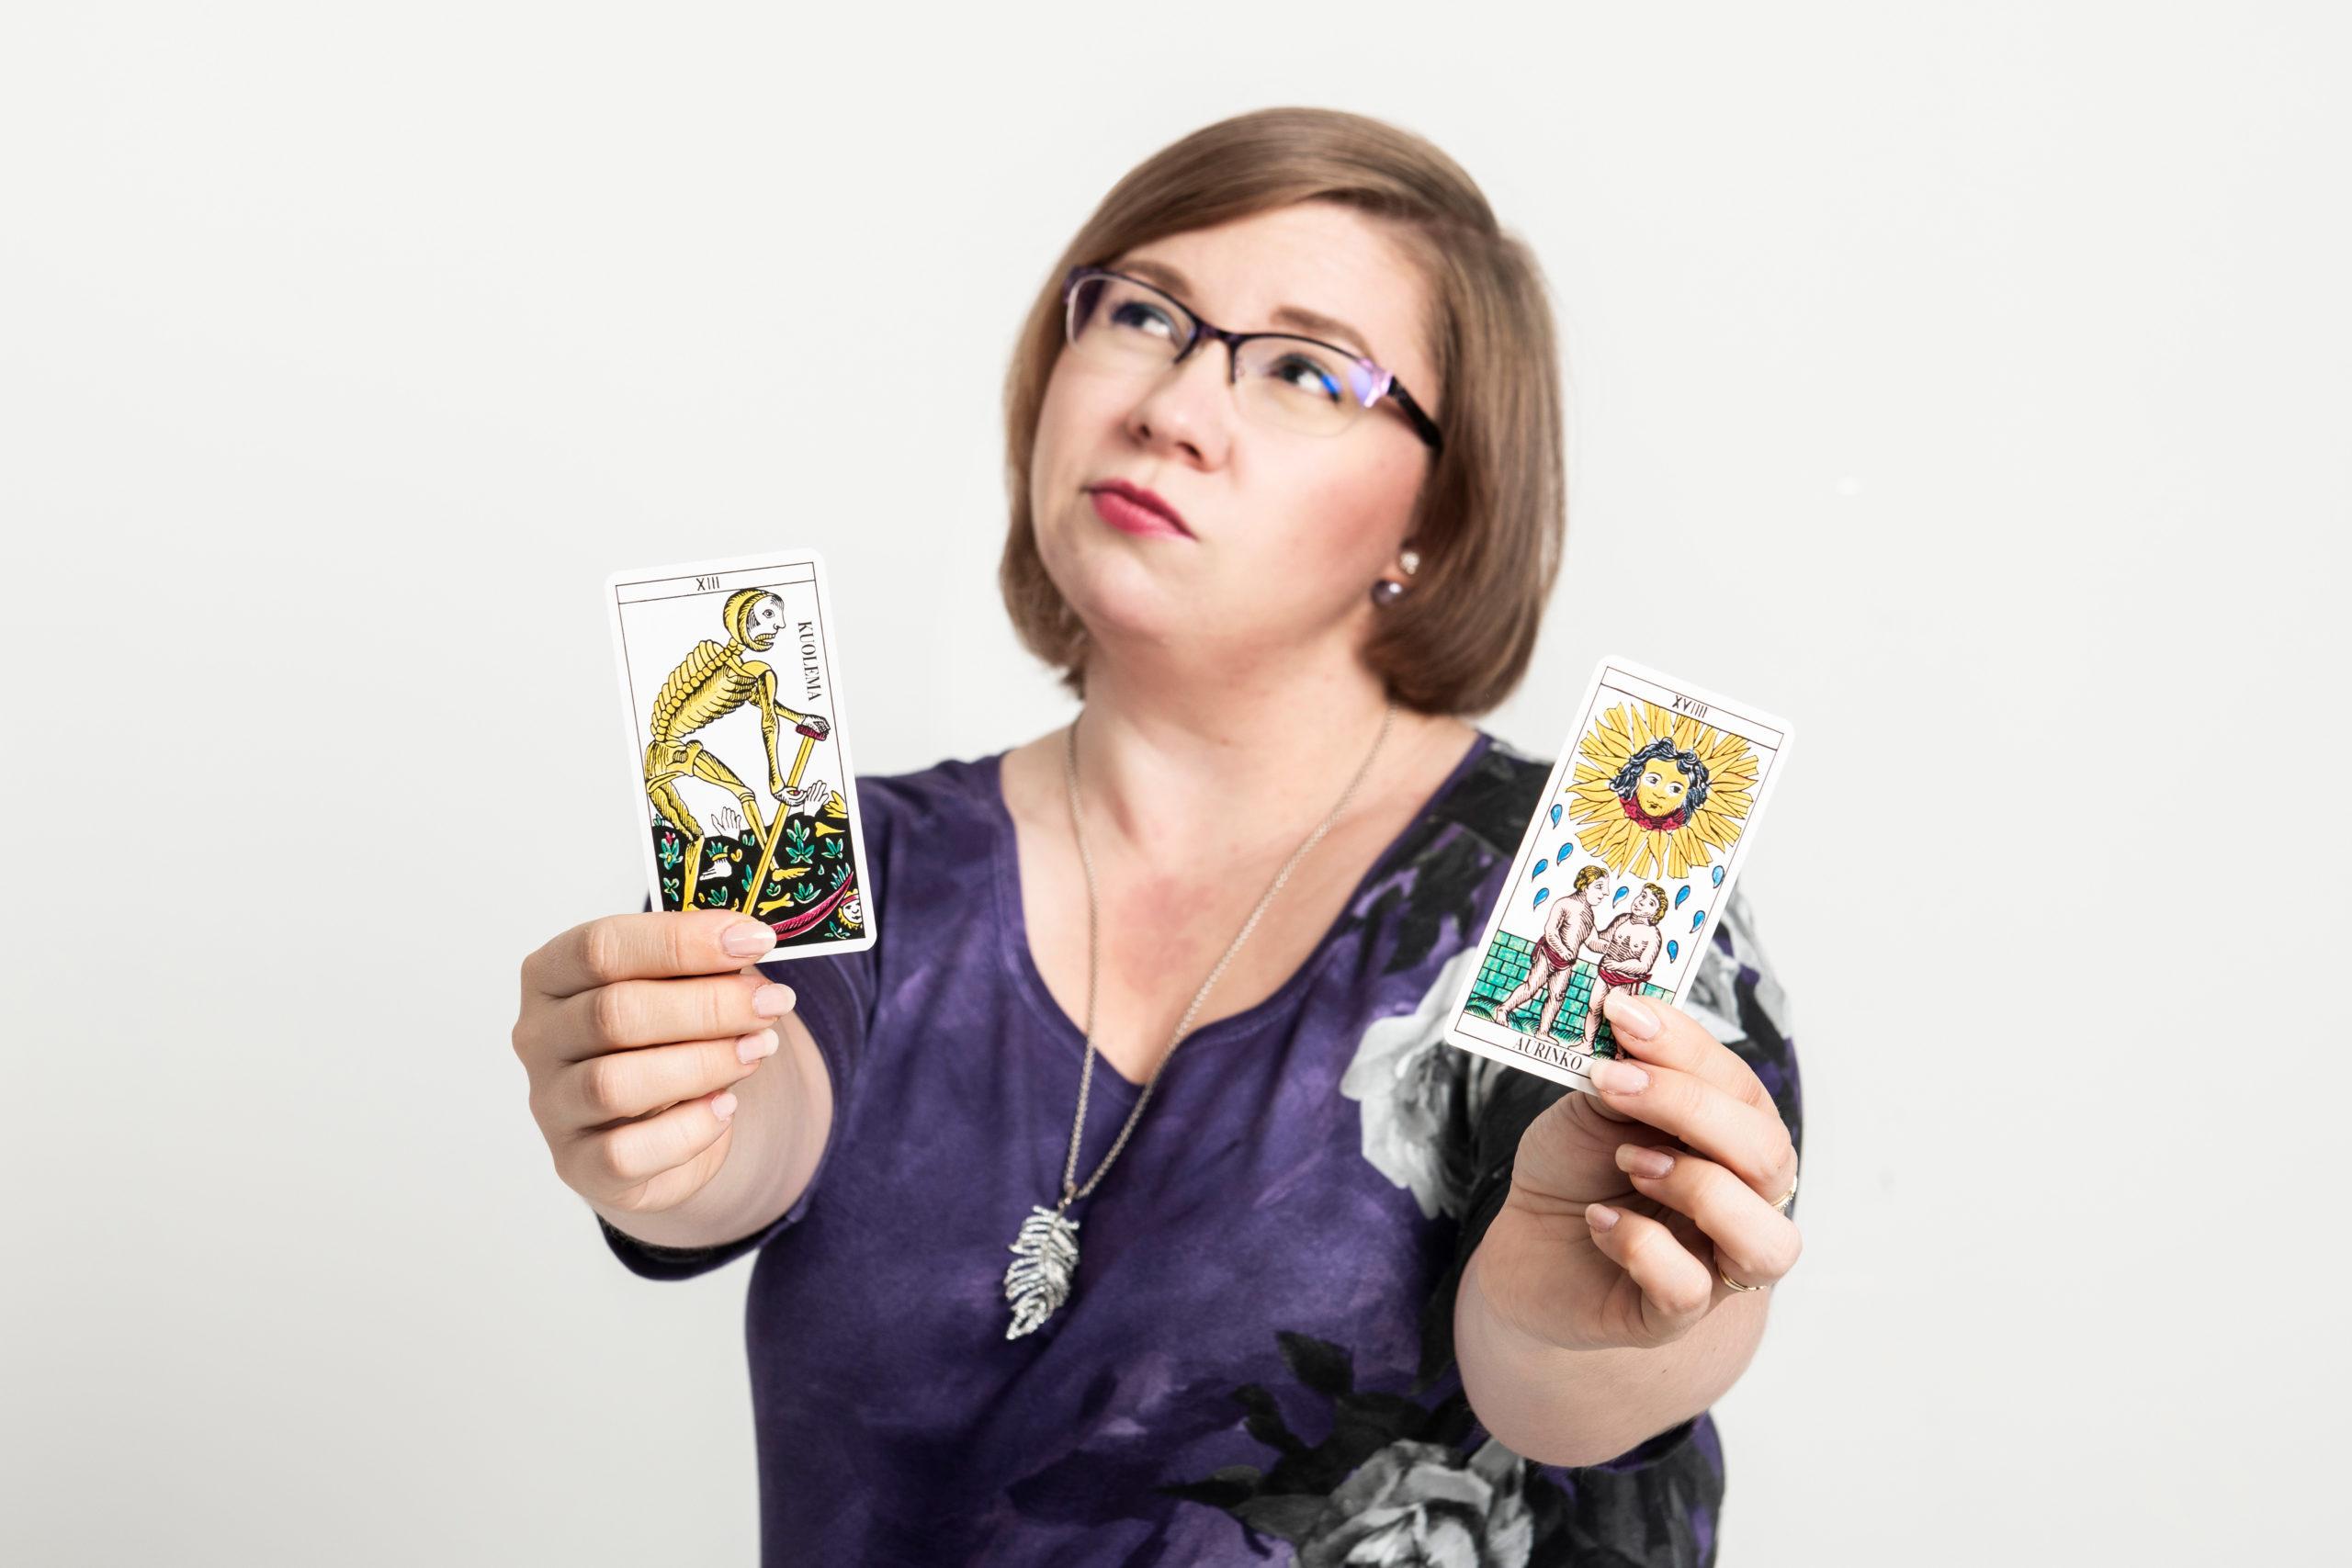 Henkilö puntaroi kahden tarotkortin välillä. Kortit ovat Kuolema ja Aurinko.